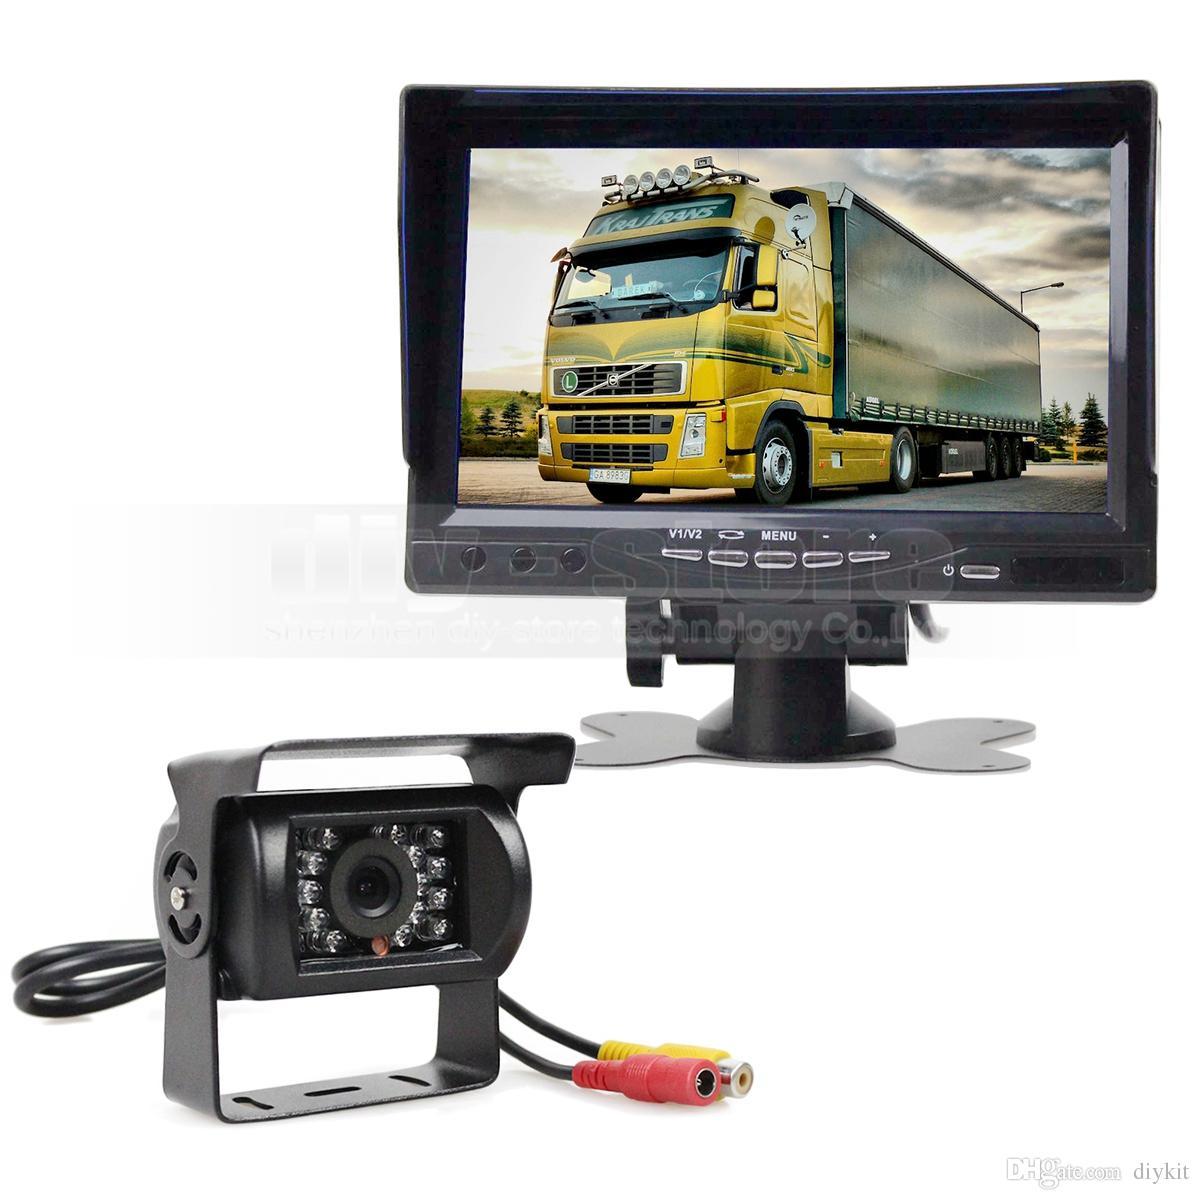 Sun Shade 7 inch TFT LCD Display Rear View Car Monitor + Waterproof IR Night Vision Rear View Camera Car Camera